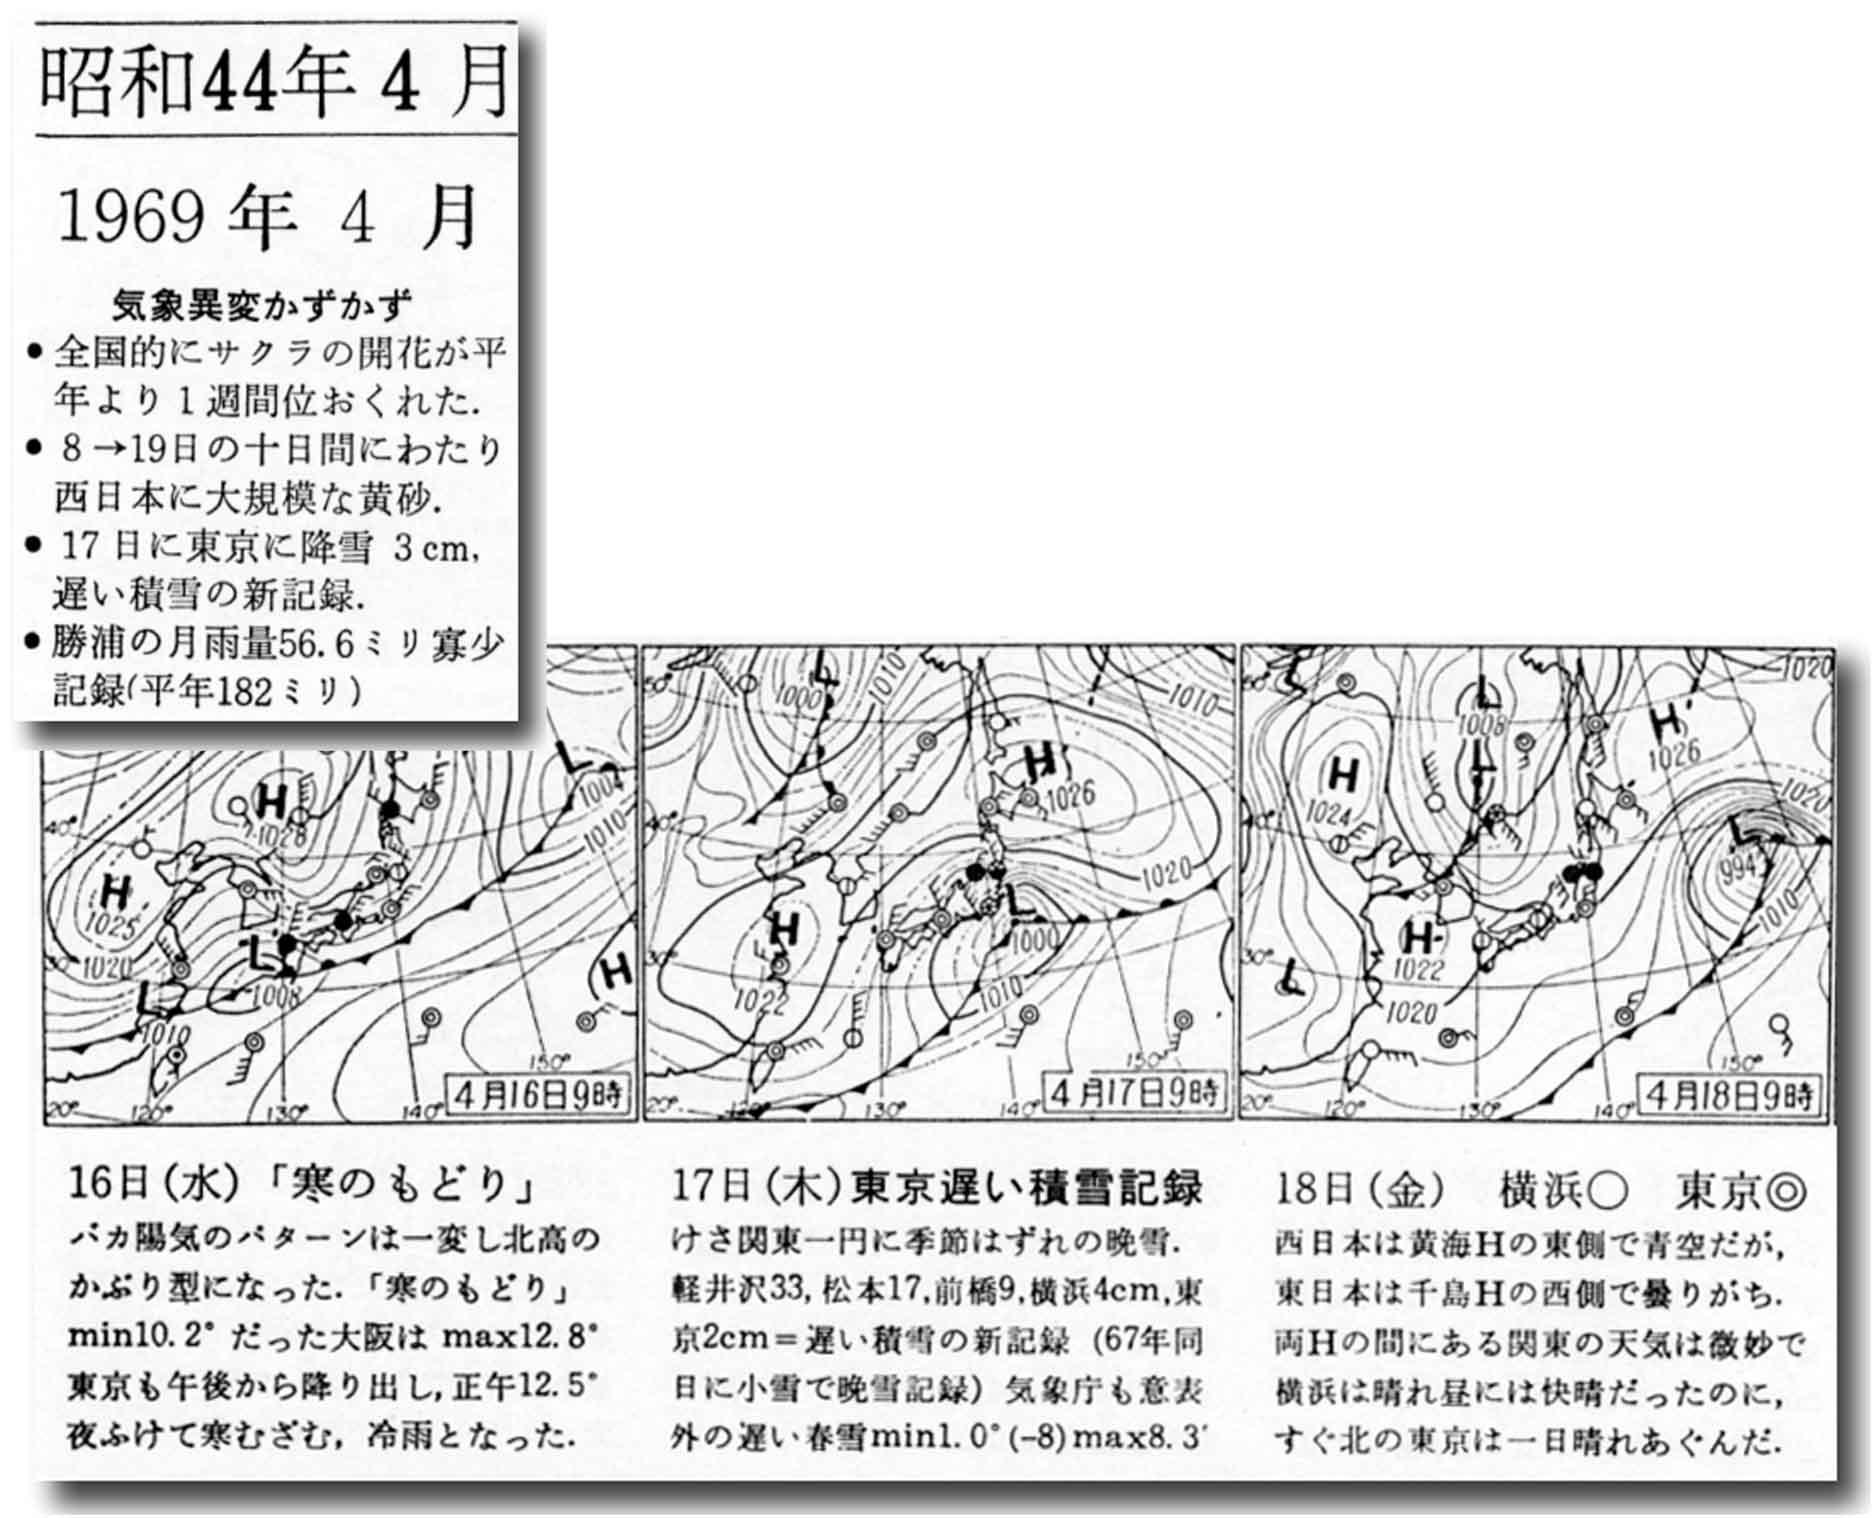 1969年4月17日の東京晩雪